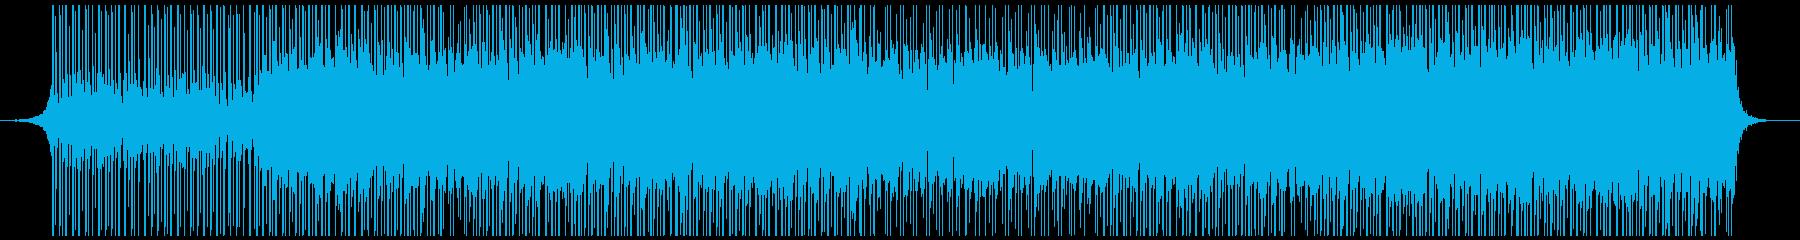 情報提供の再生済みの波形